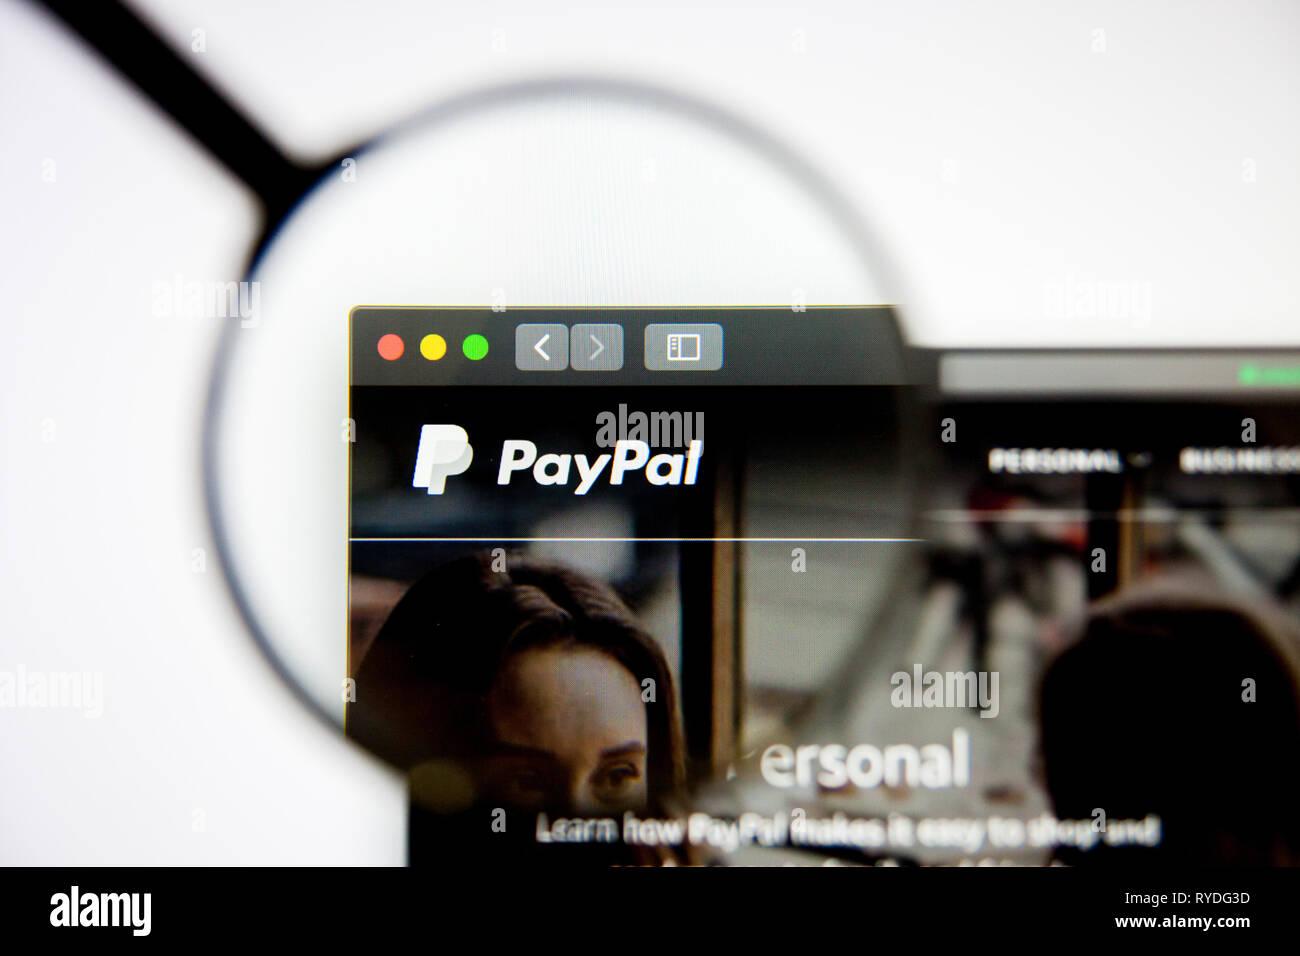 Los Angeles, Kalifornien, USA - 5. März 2019: PayPal Website Homepage. PayPal Logo sichtbar auf dem Display, Illustrative Editorial Stockbild